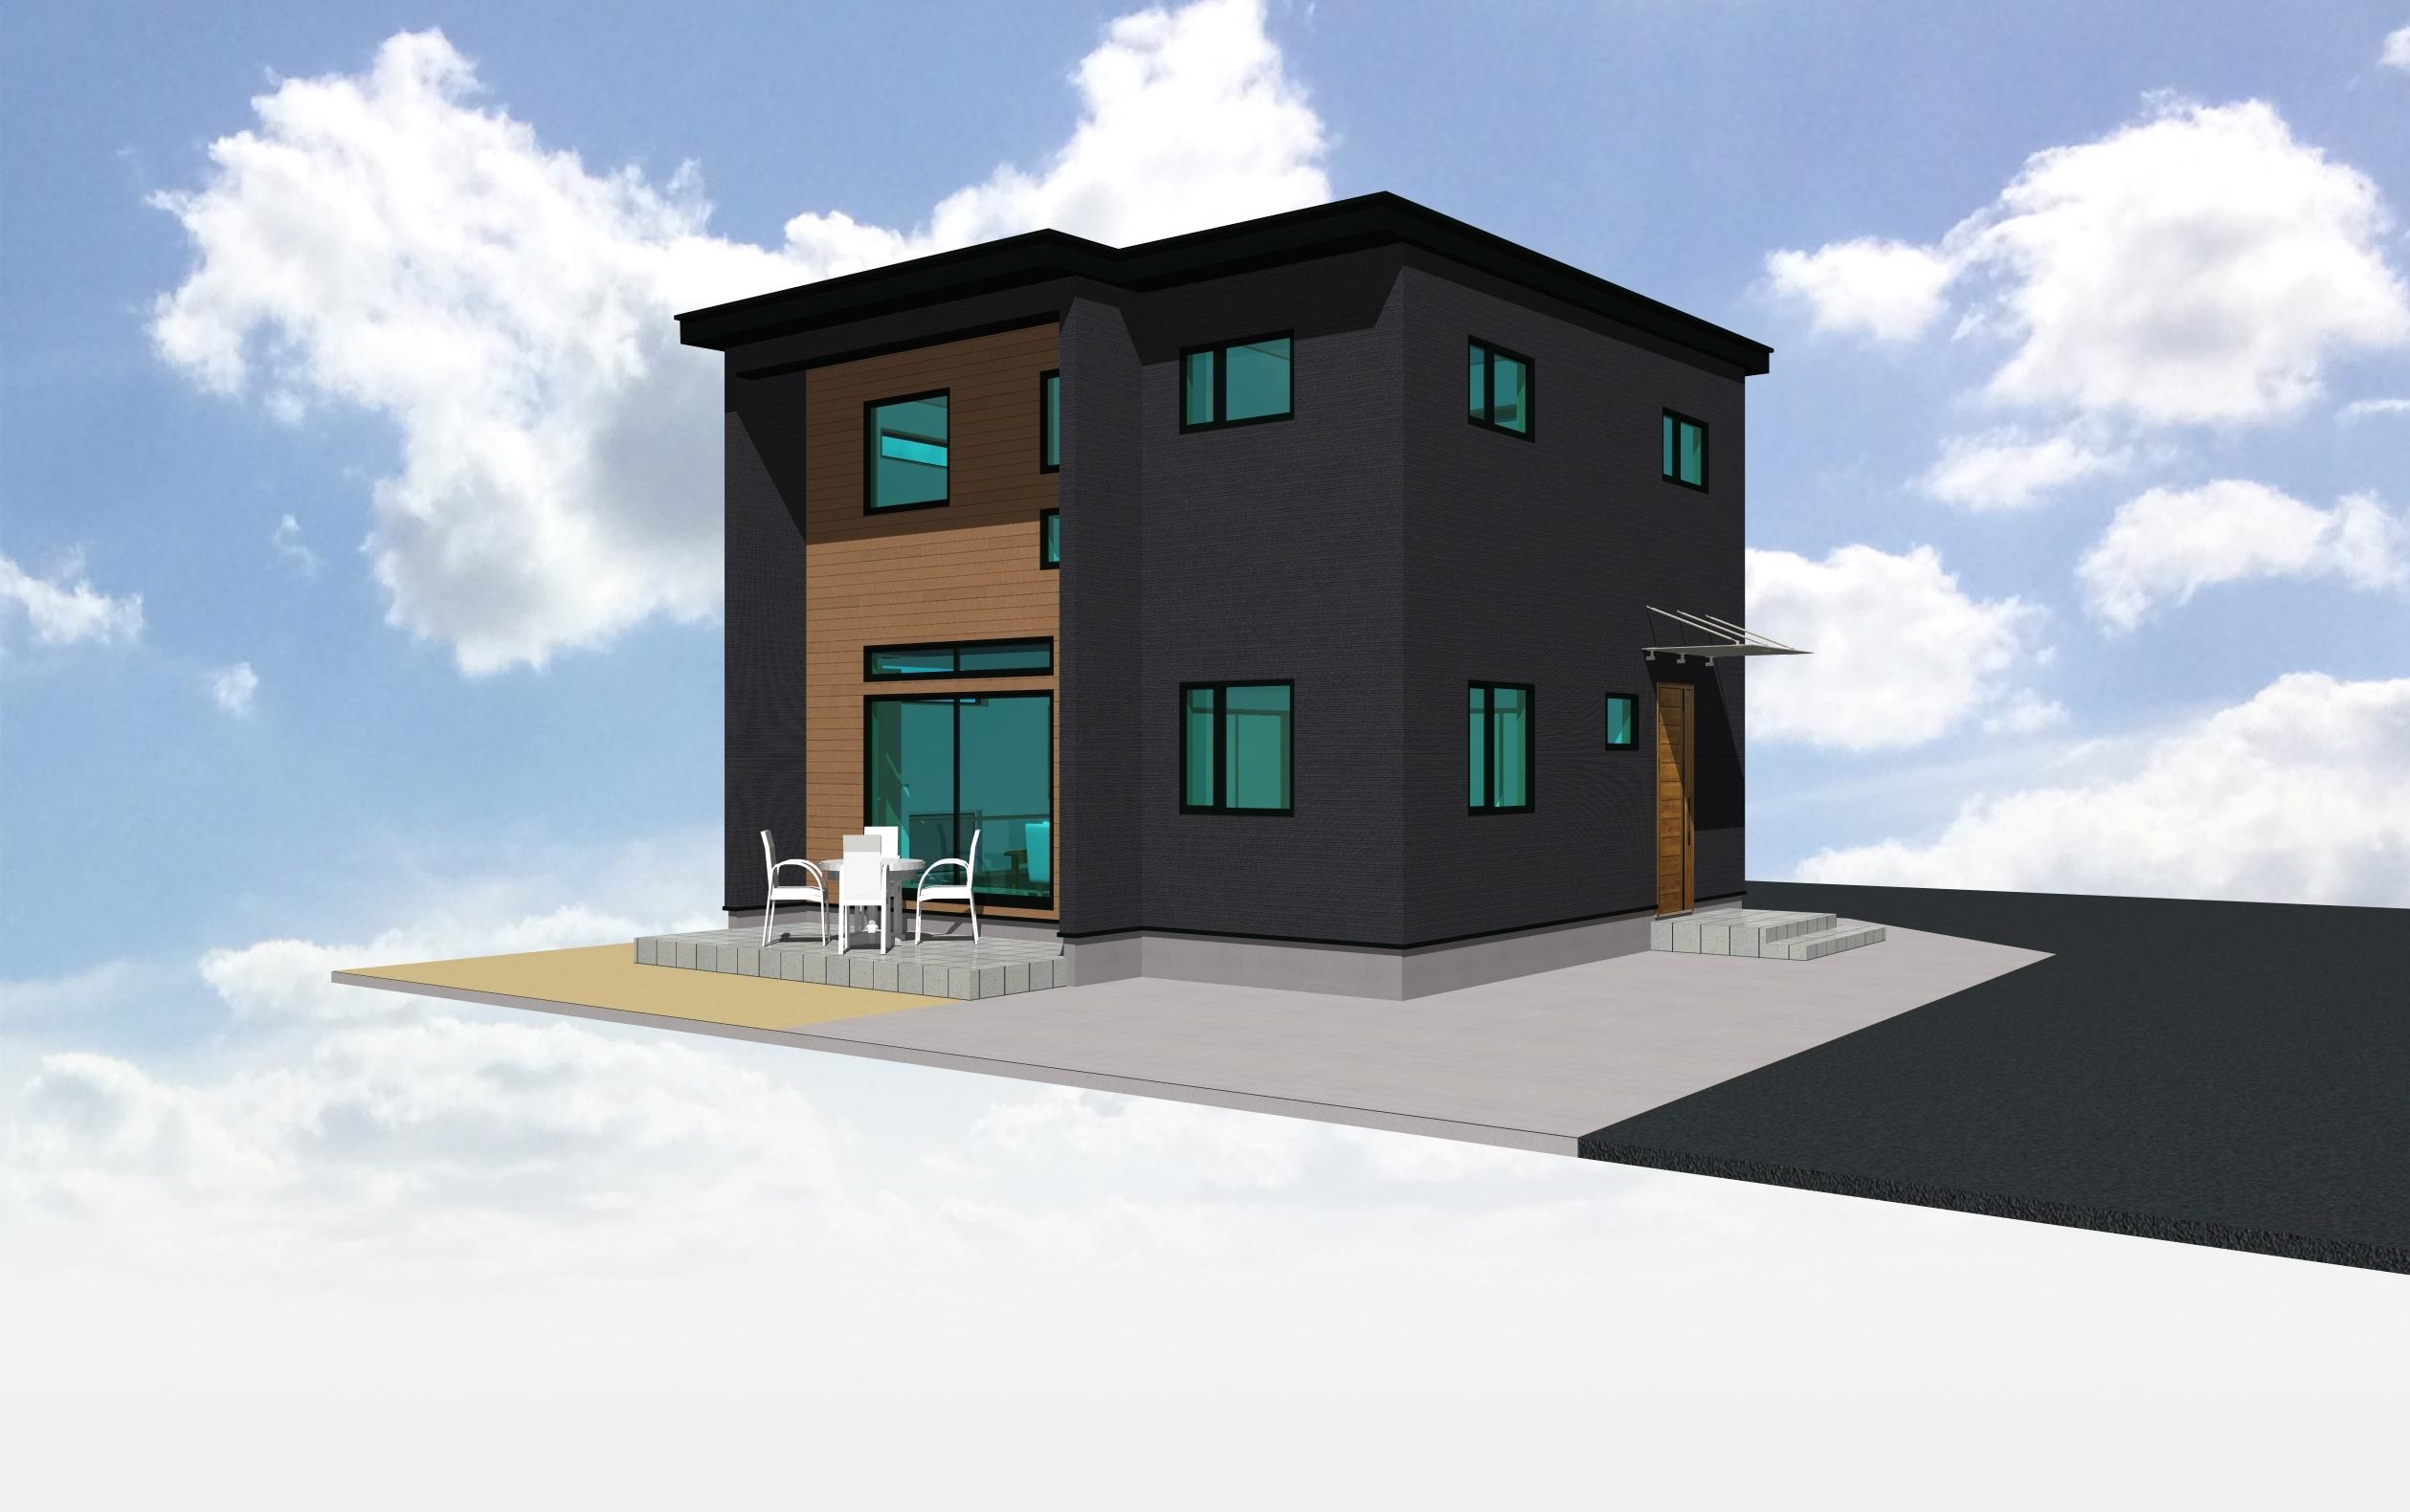 耐震等級2&長期優良モデルハウス